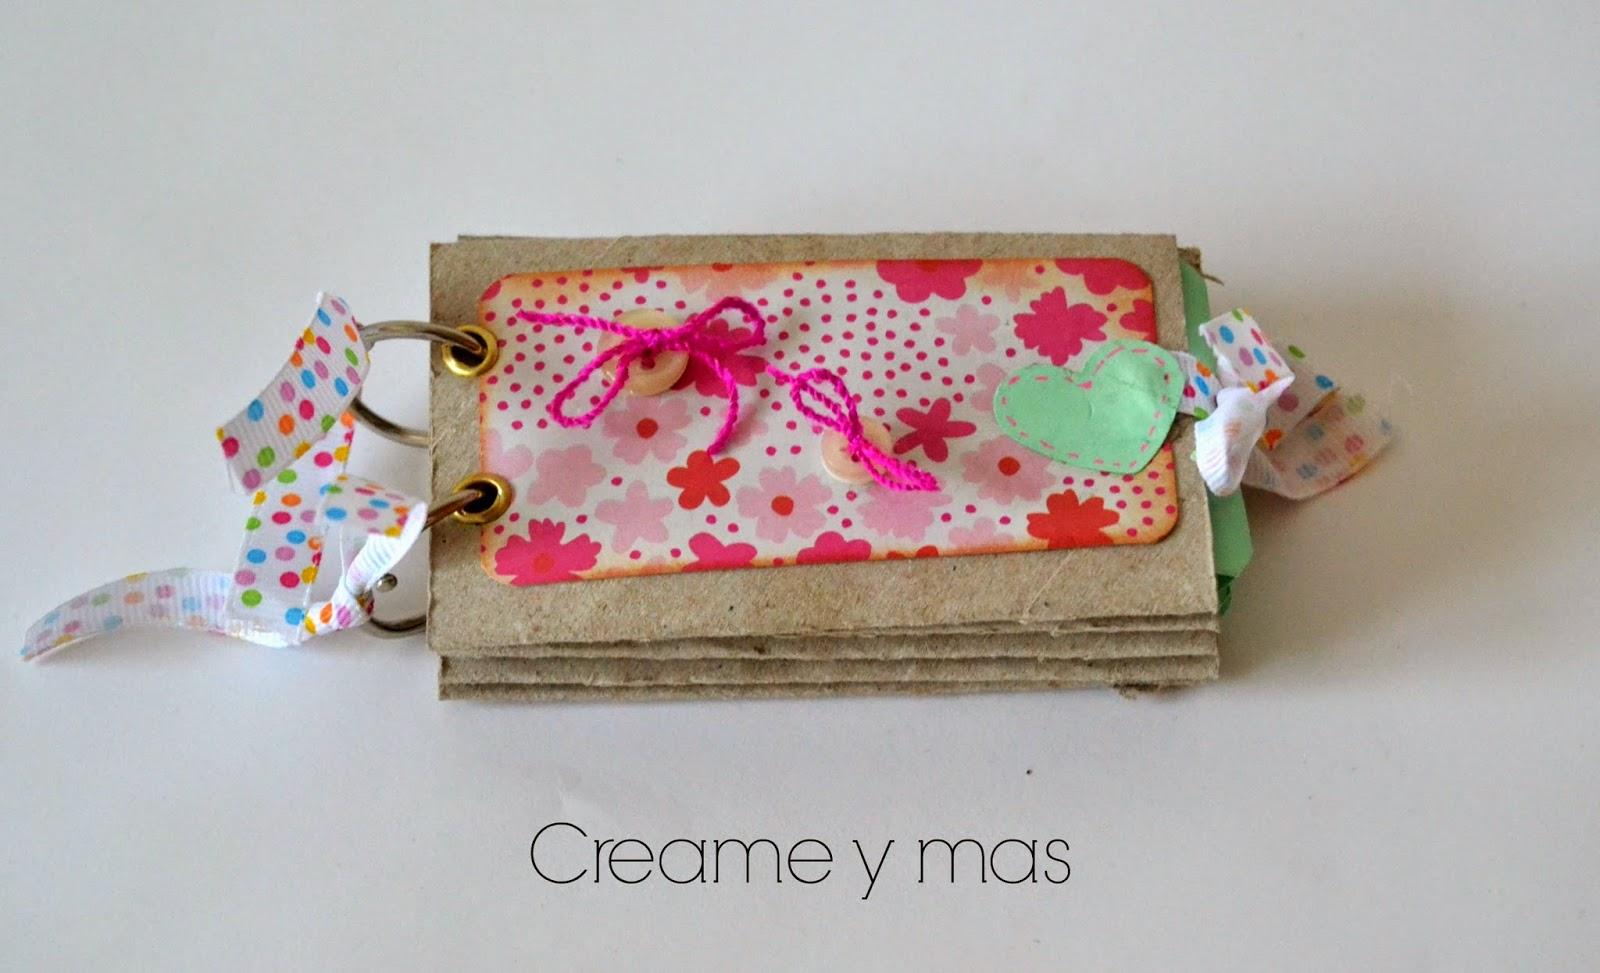 http://creameymas.blogspot.com.es/2014/06/diy-diogeneras-junio-2014.html